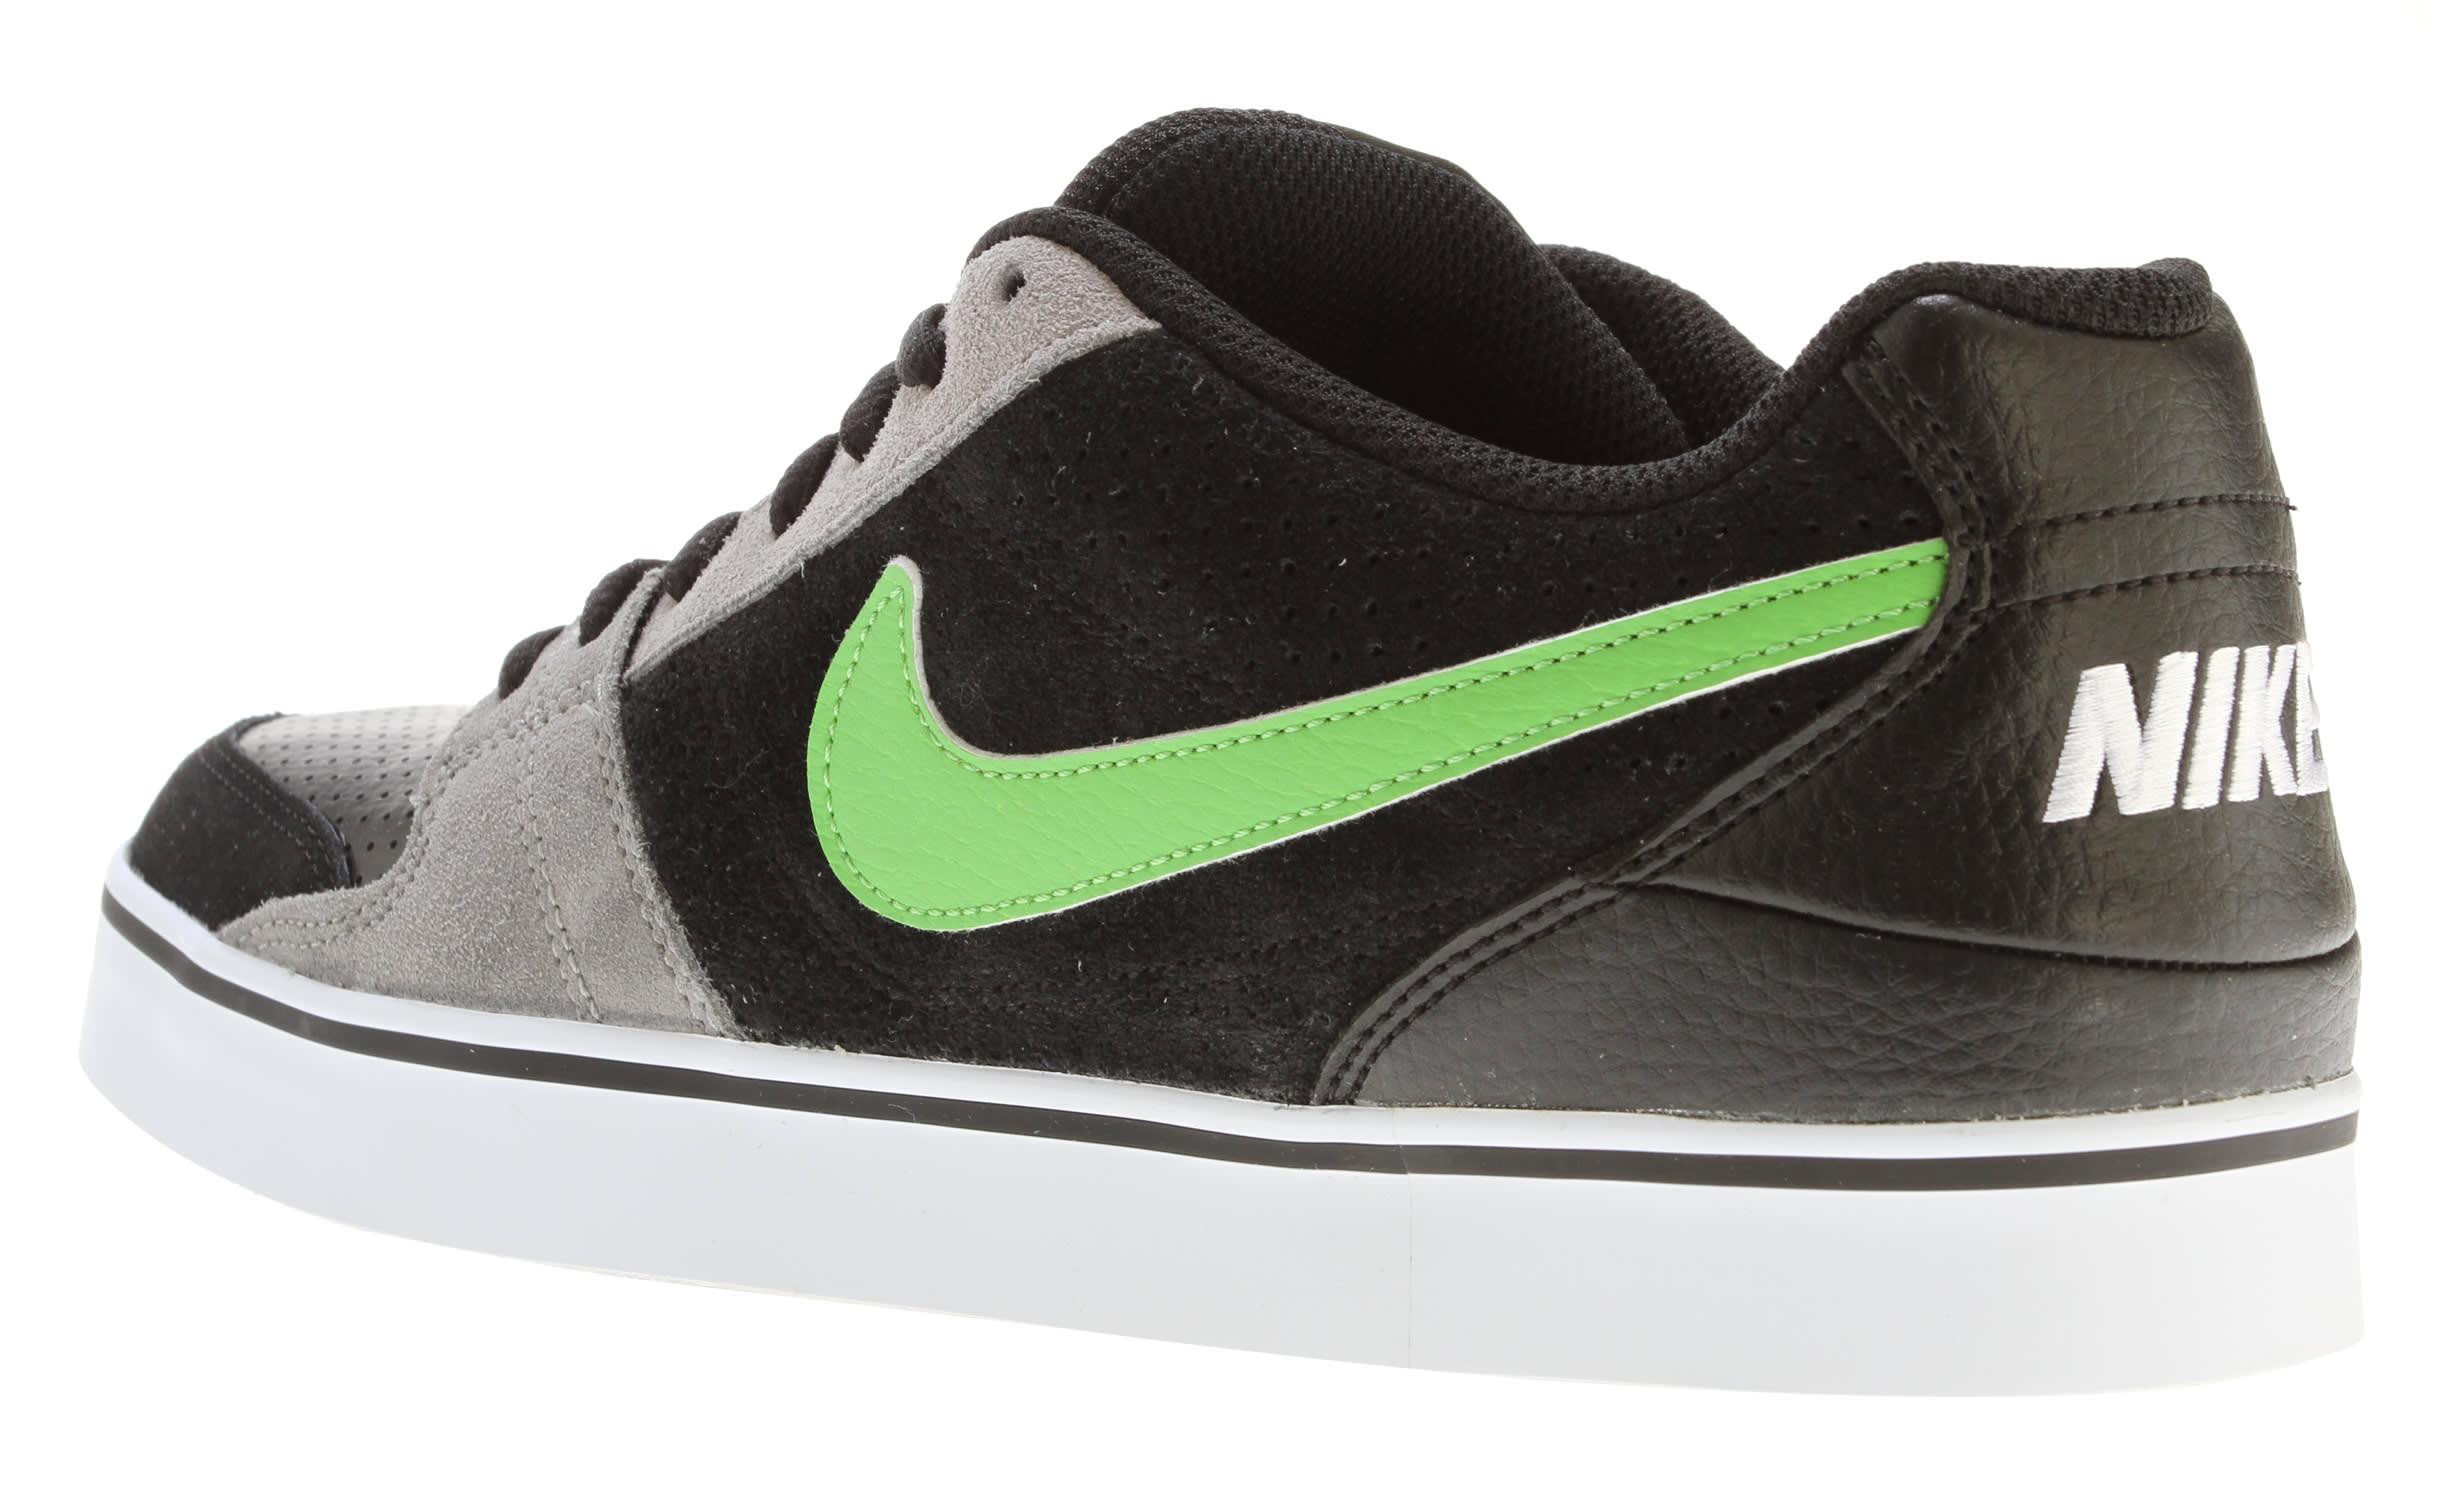 44017e5c1ce668 Nike Ruckus Low Skate Shoes - thumbnail 3